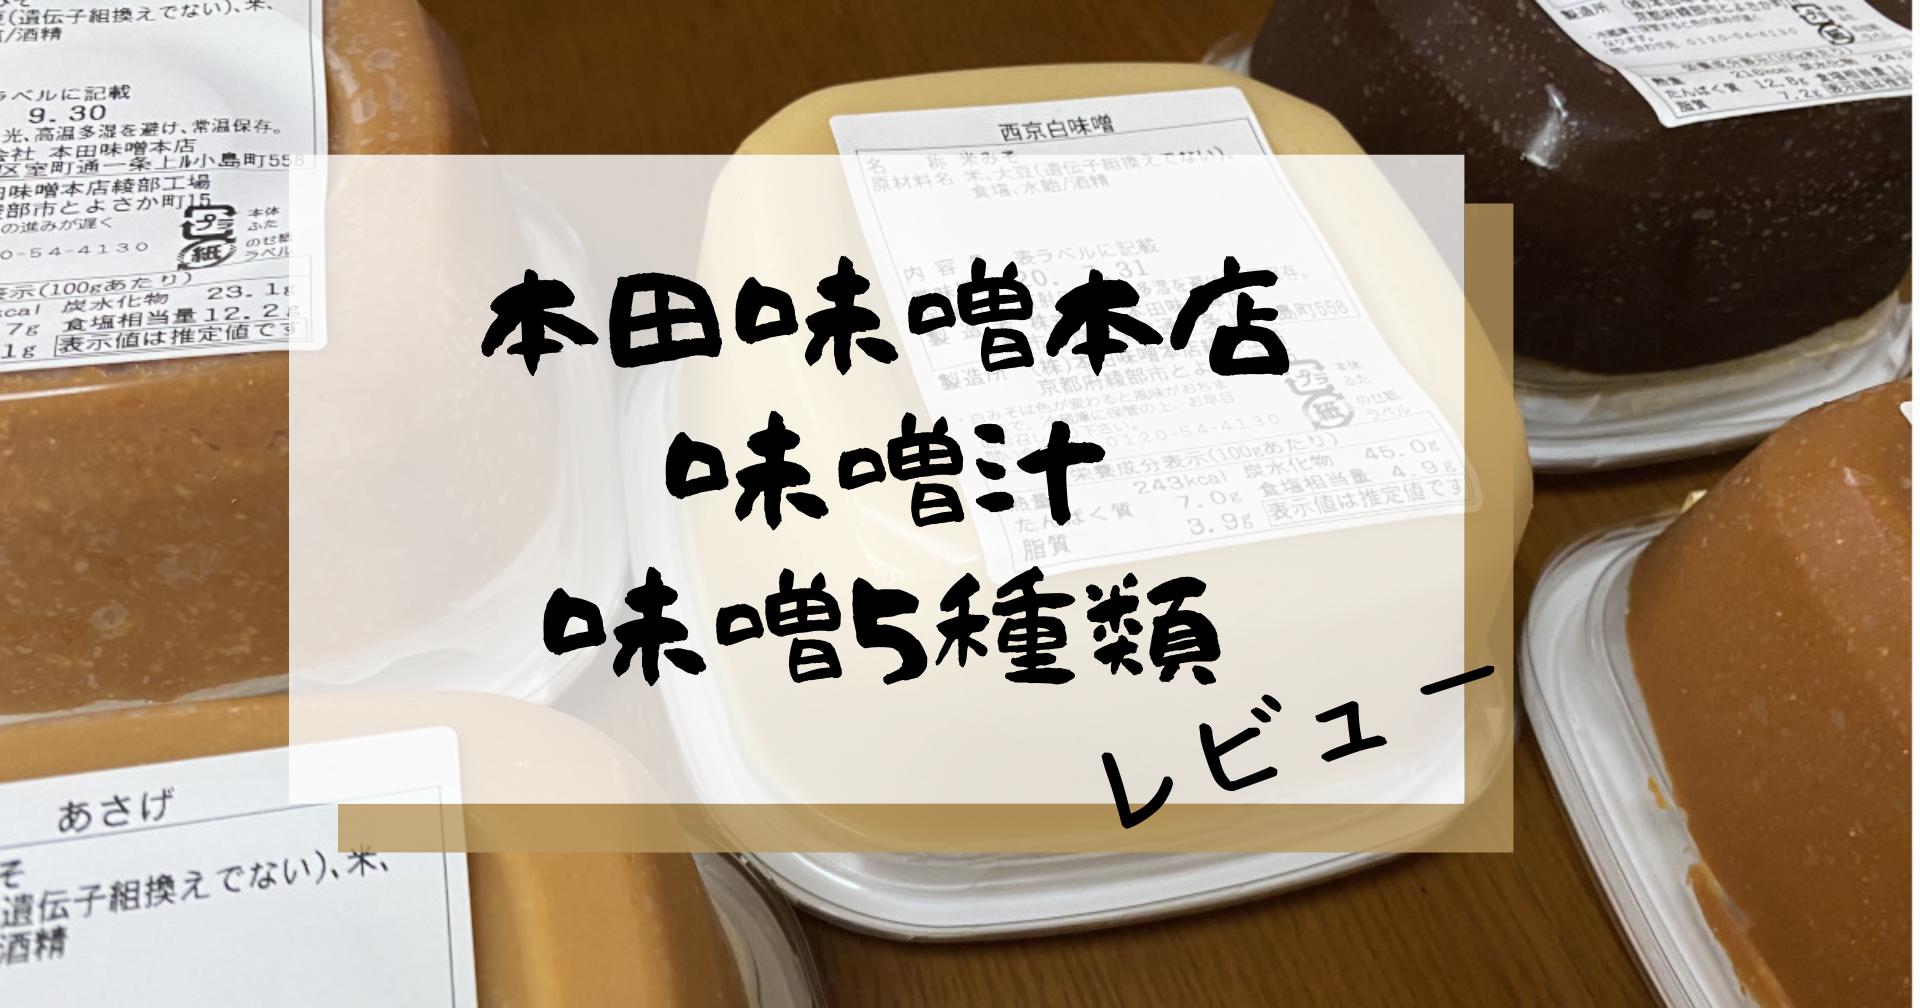 本田味噌本店の味噌汁と味噌5種類をレビュー!感想を言います